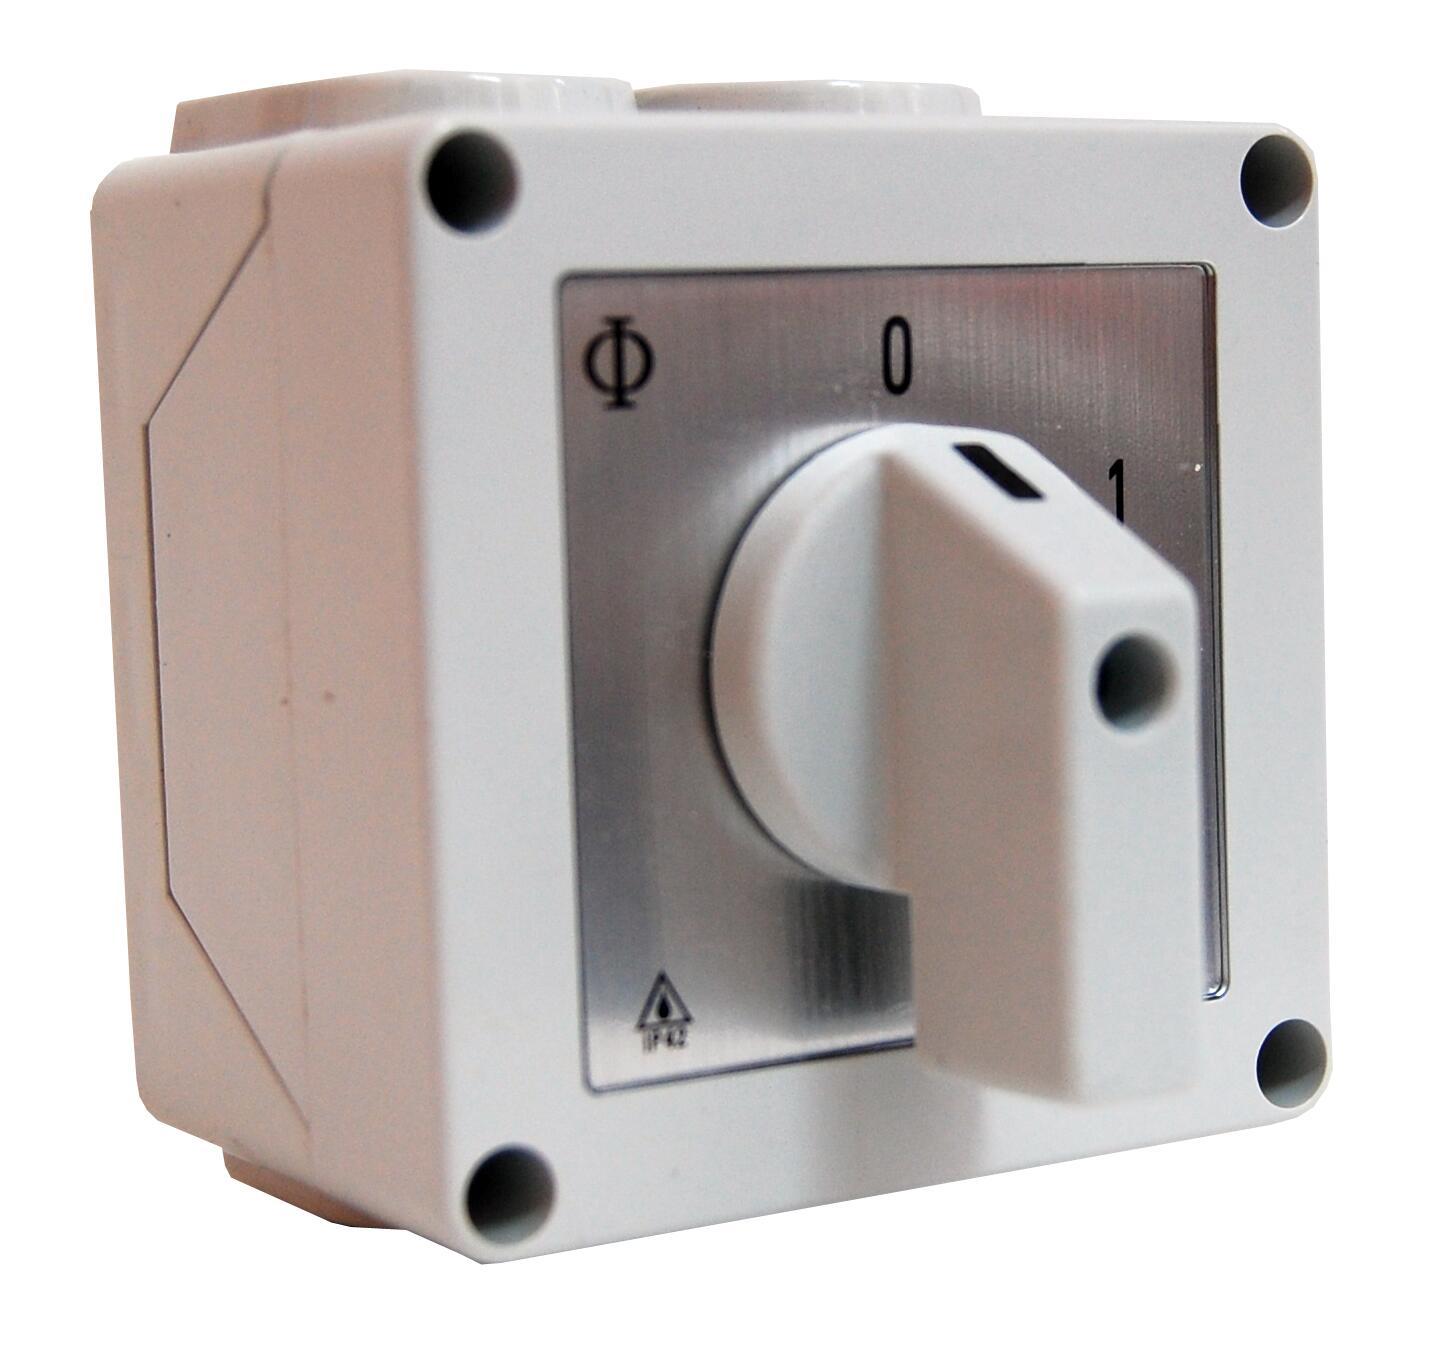 1 Stk Ausschalter, metrisch, Einführung M20, 20A, 3-polig IN032002--